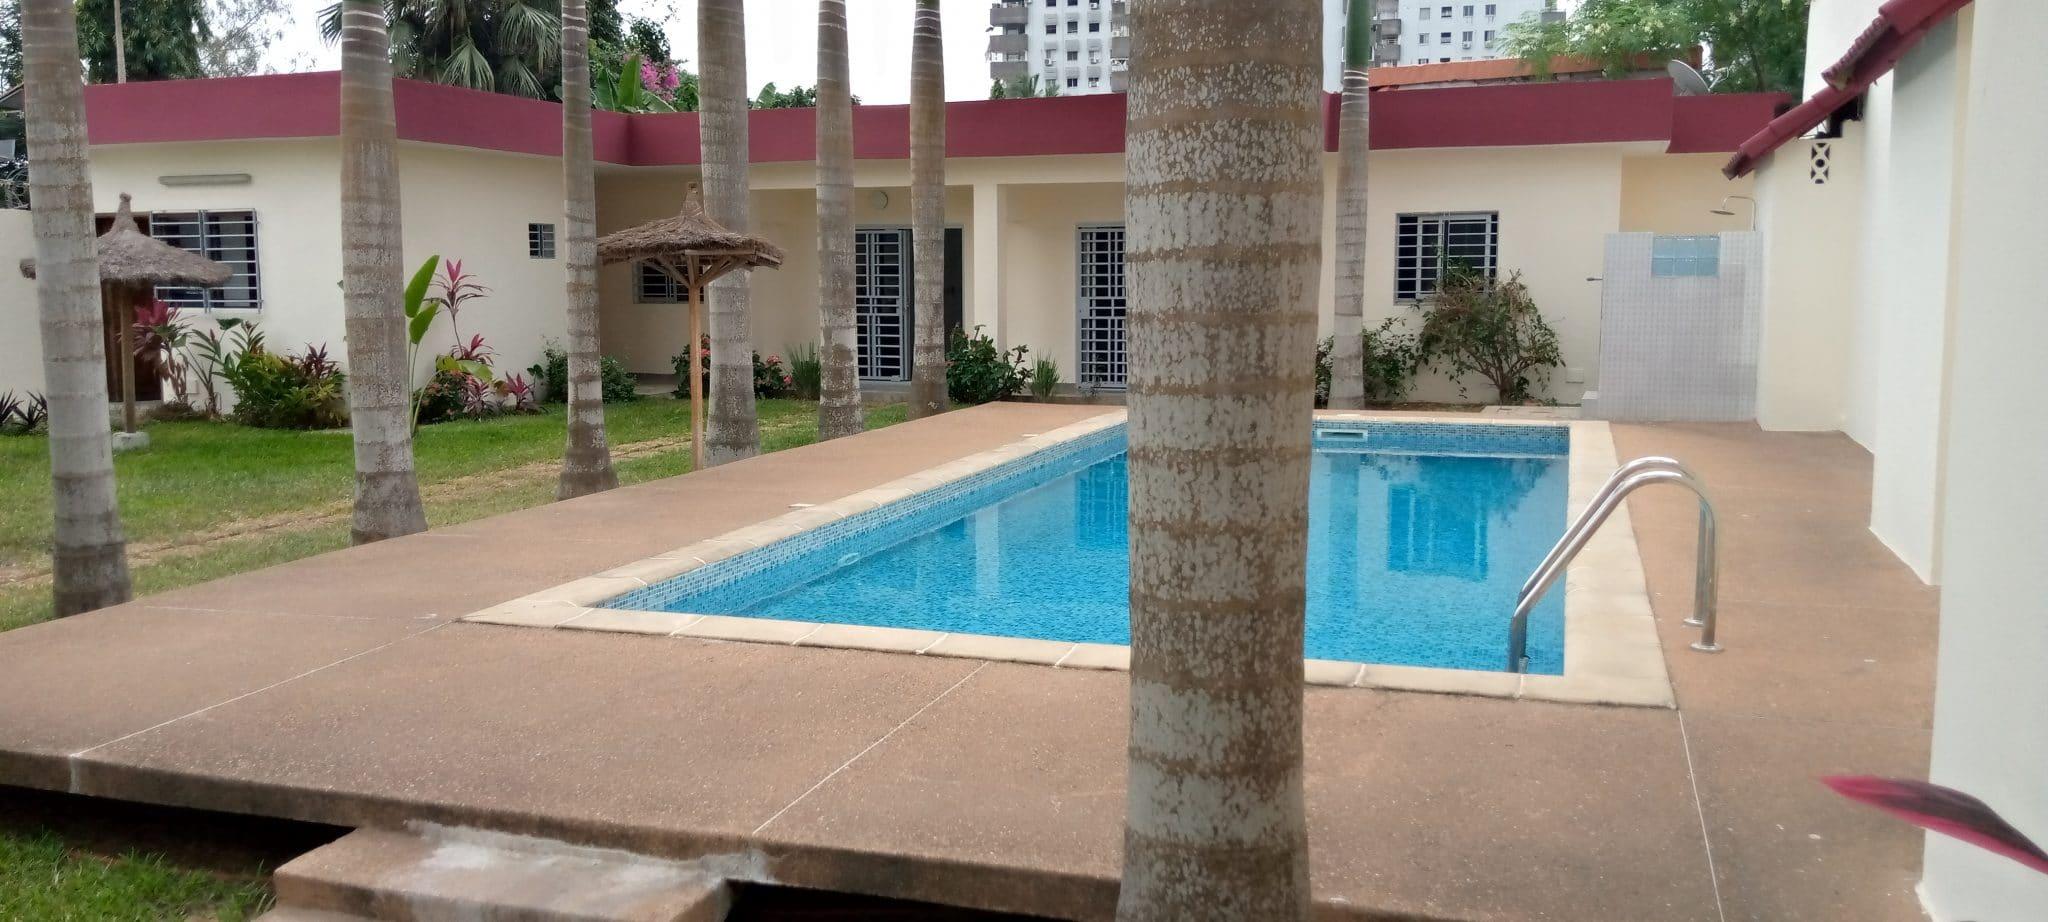 A louer villa basse de 4 pièces à Cocody Mermoz